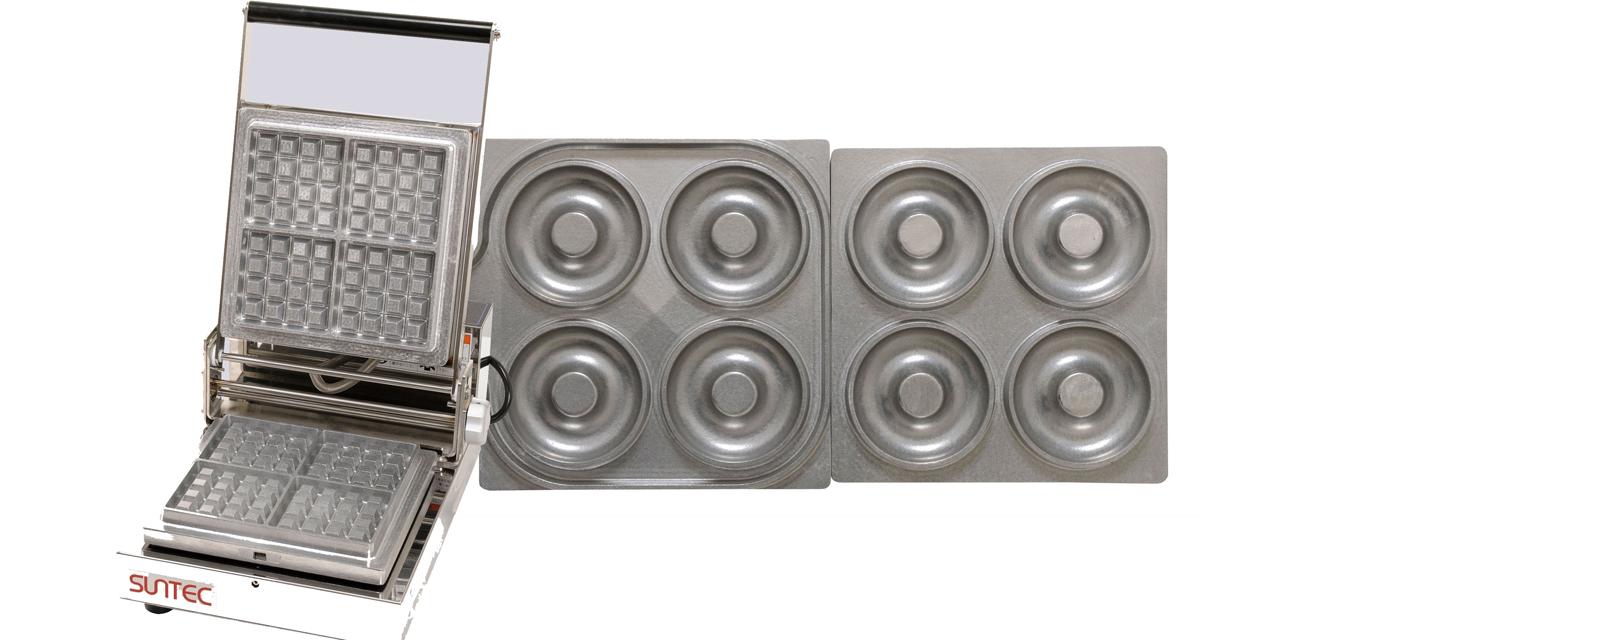 マルチベーカー MAX-1 1連式 クロワッサンドーナツ [運賃別途お見積り] [メーカー直送 代引き不可] 【厨房用品 軽食 鉄板焼用品 ファーストフード関連品 業務用 販売 通販】 [7-0909-0202 6-0860-0202 ]